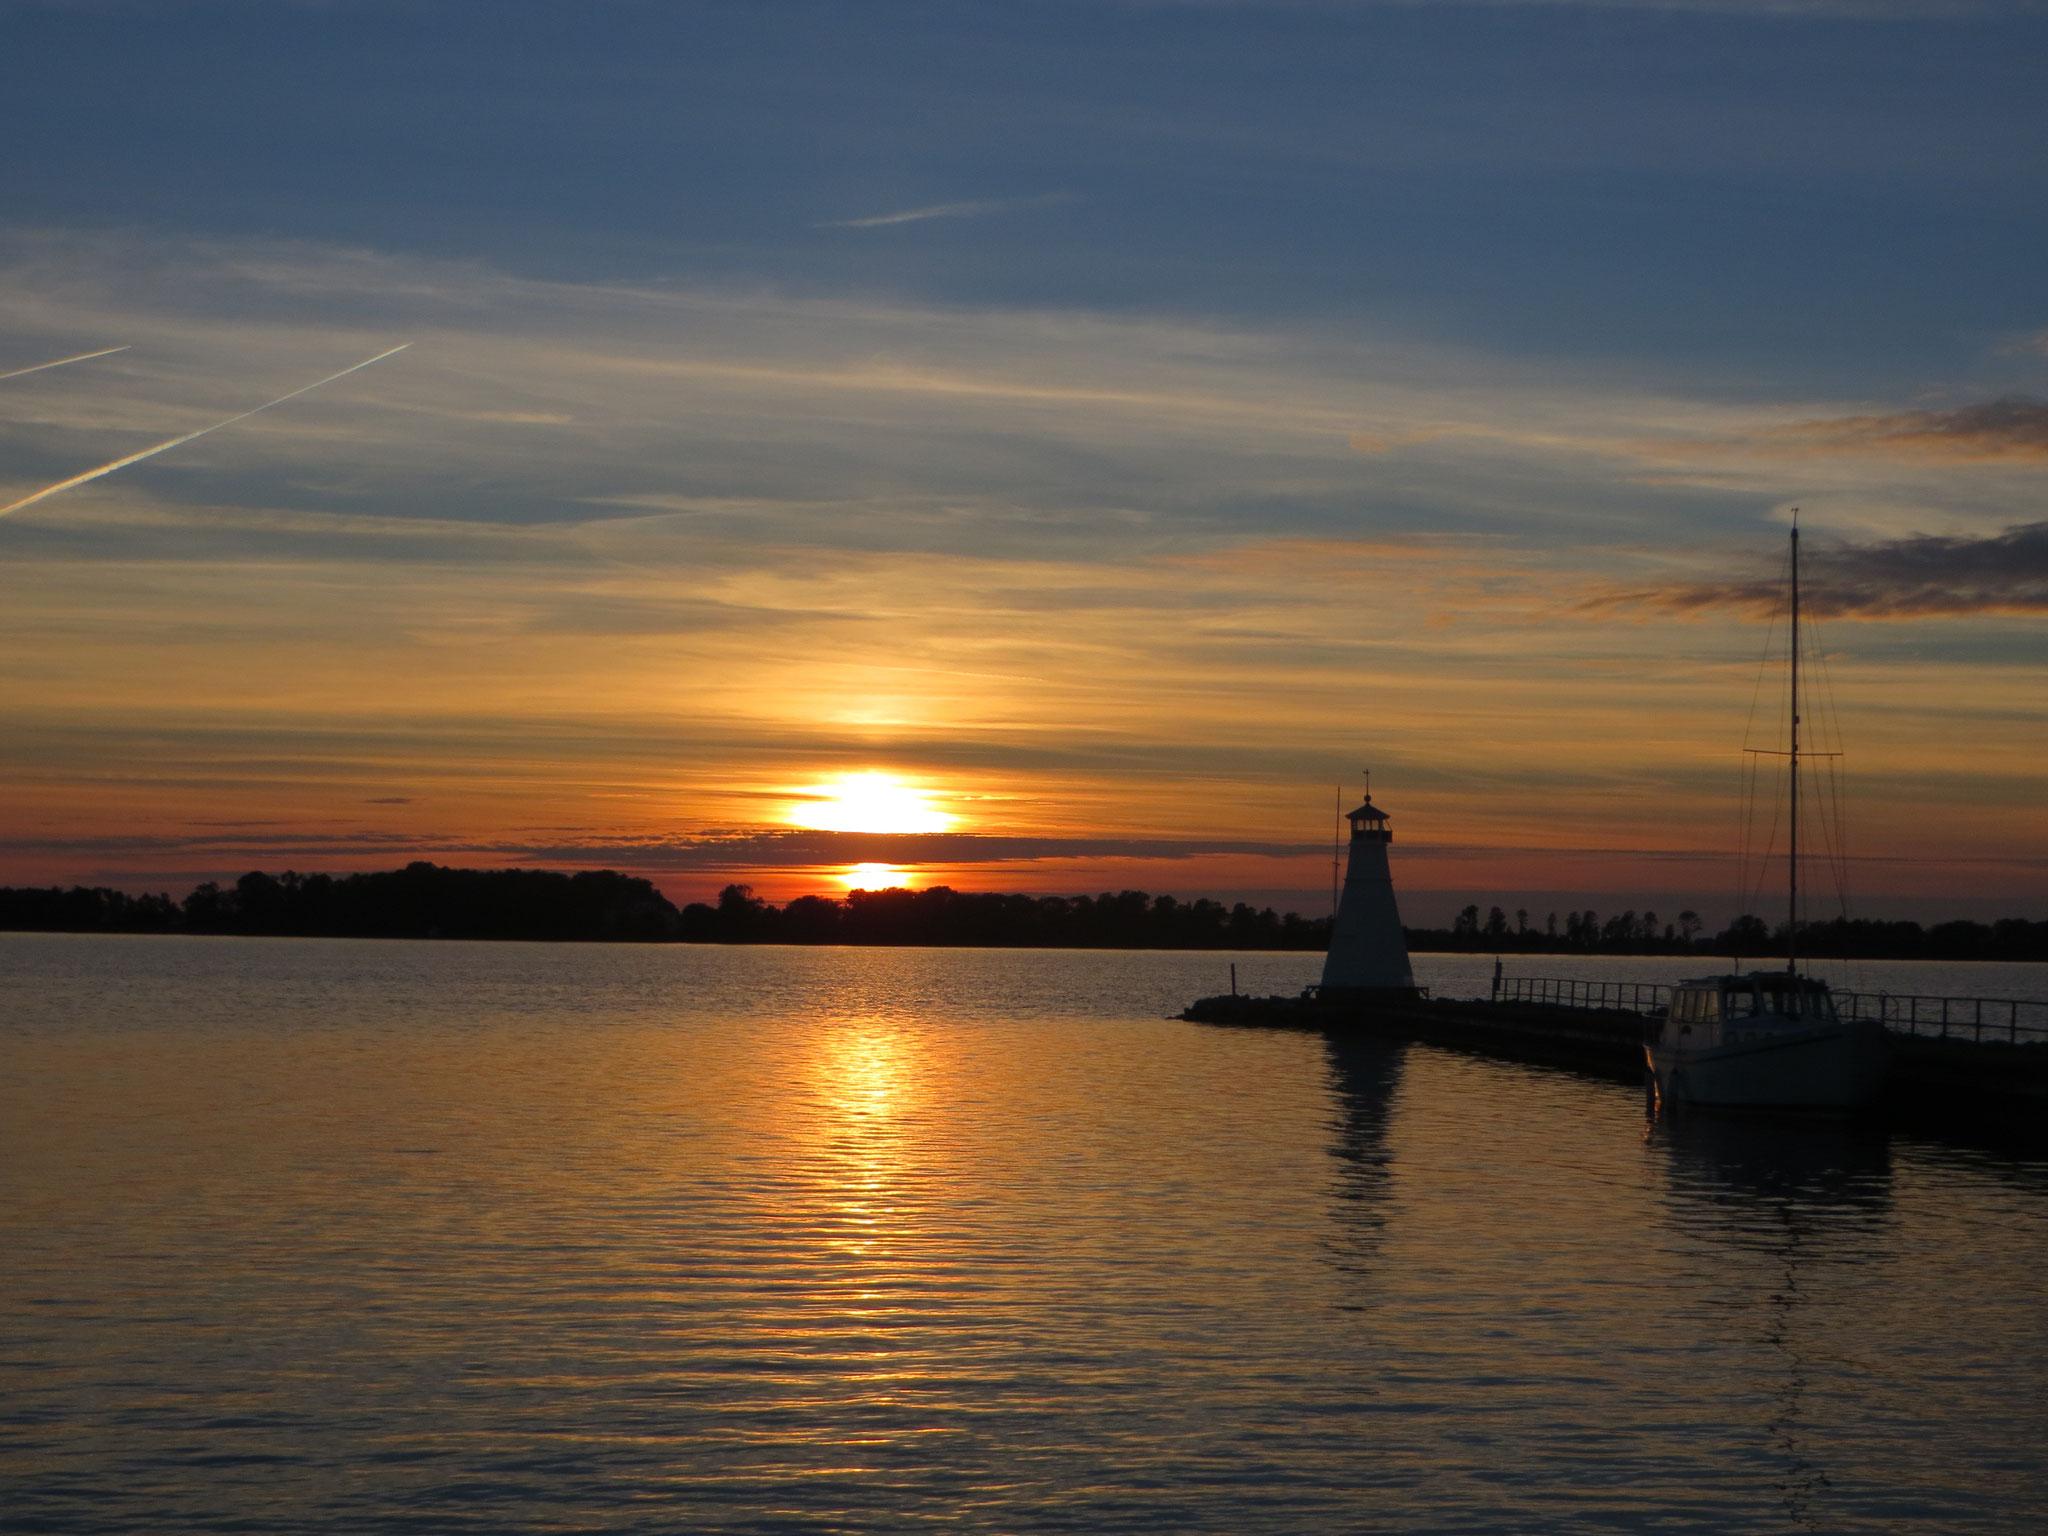 Sonnenuntergang am Vätternsee in Vadstena